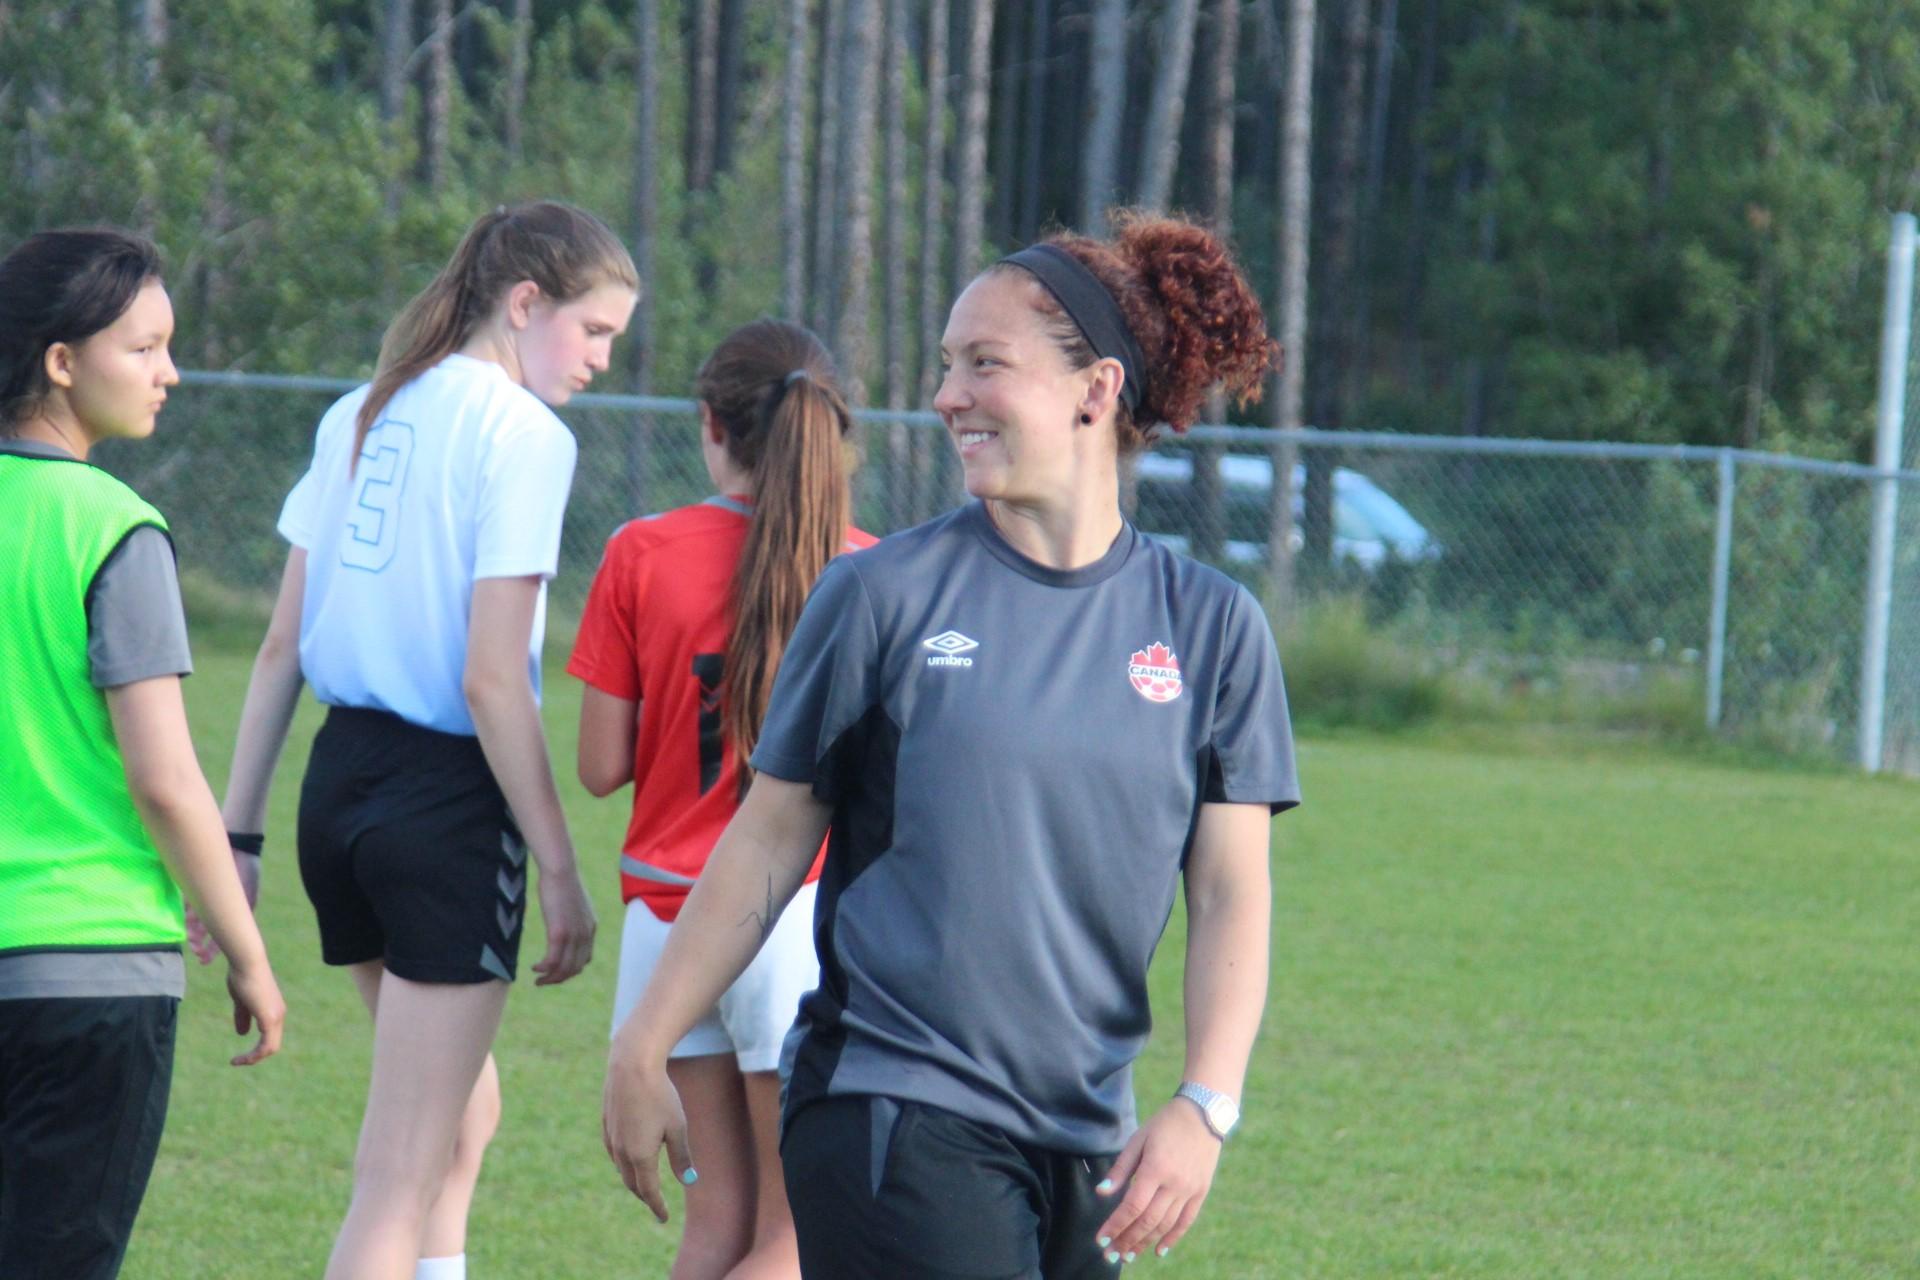 Carmelina Moscato sur un terrain de soccer.